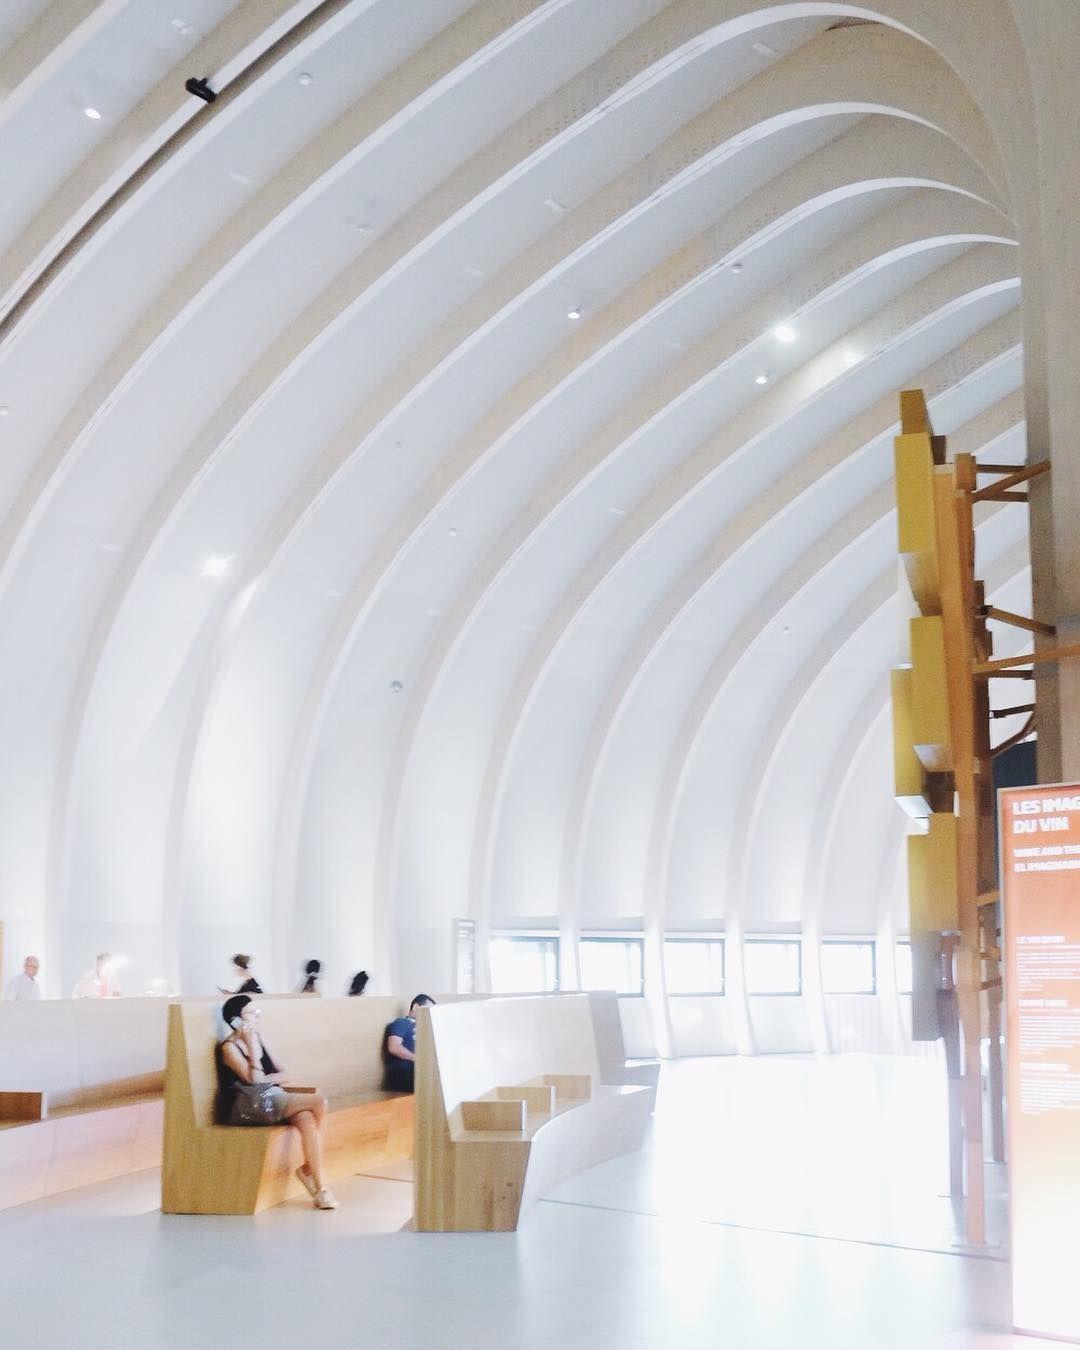 fd26ad5eb3a911 Pour ne rien gâcher l architecture est superbe comme si on était dans la  cathédrale du vin vive la france